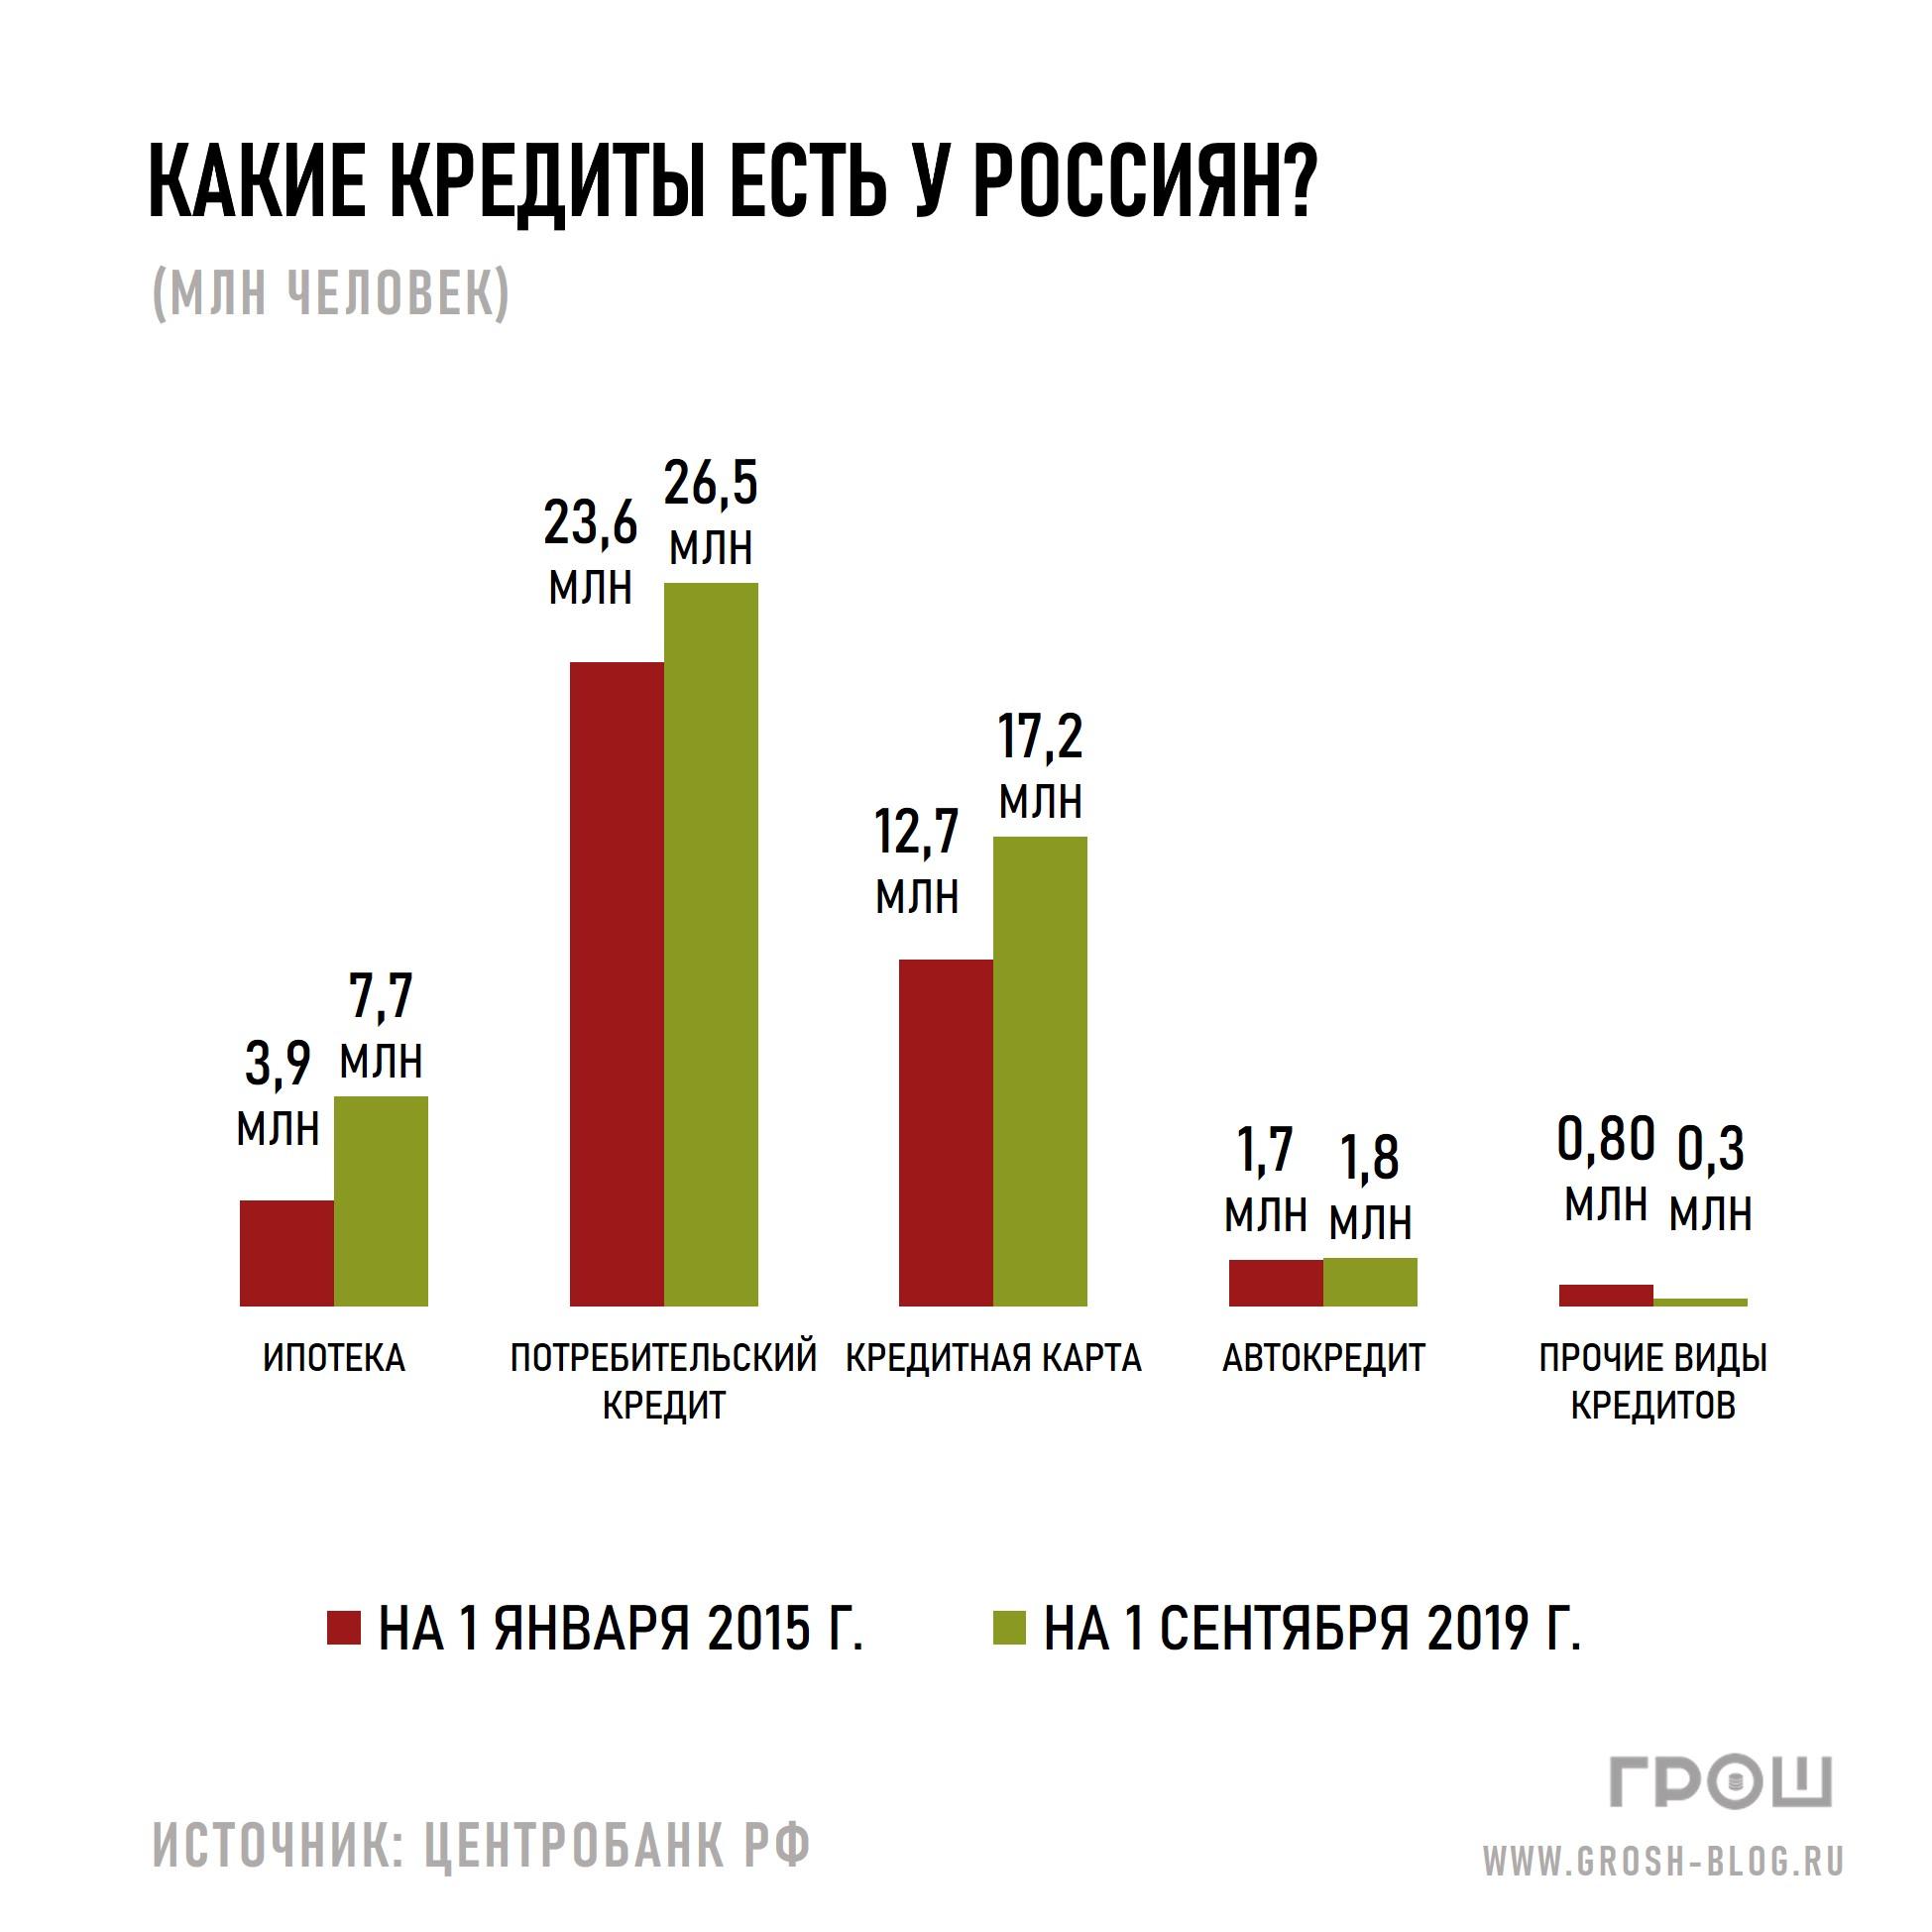 https://grosh-blog.ru/ какие кредиты есть у россиян график журнал ГРОШ